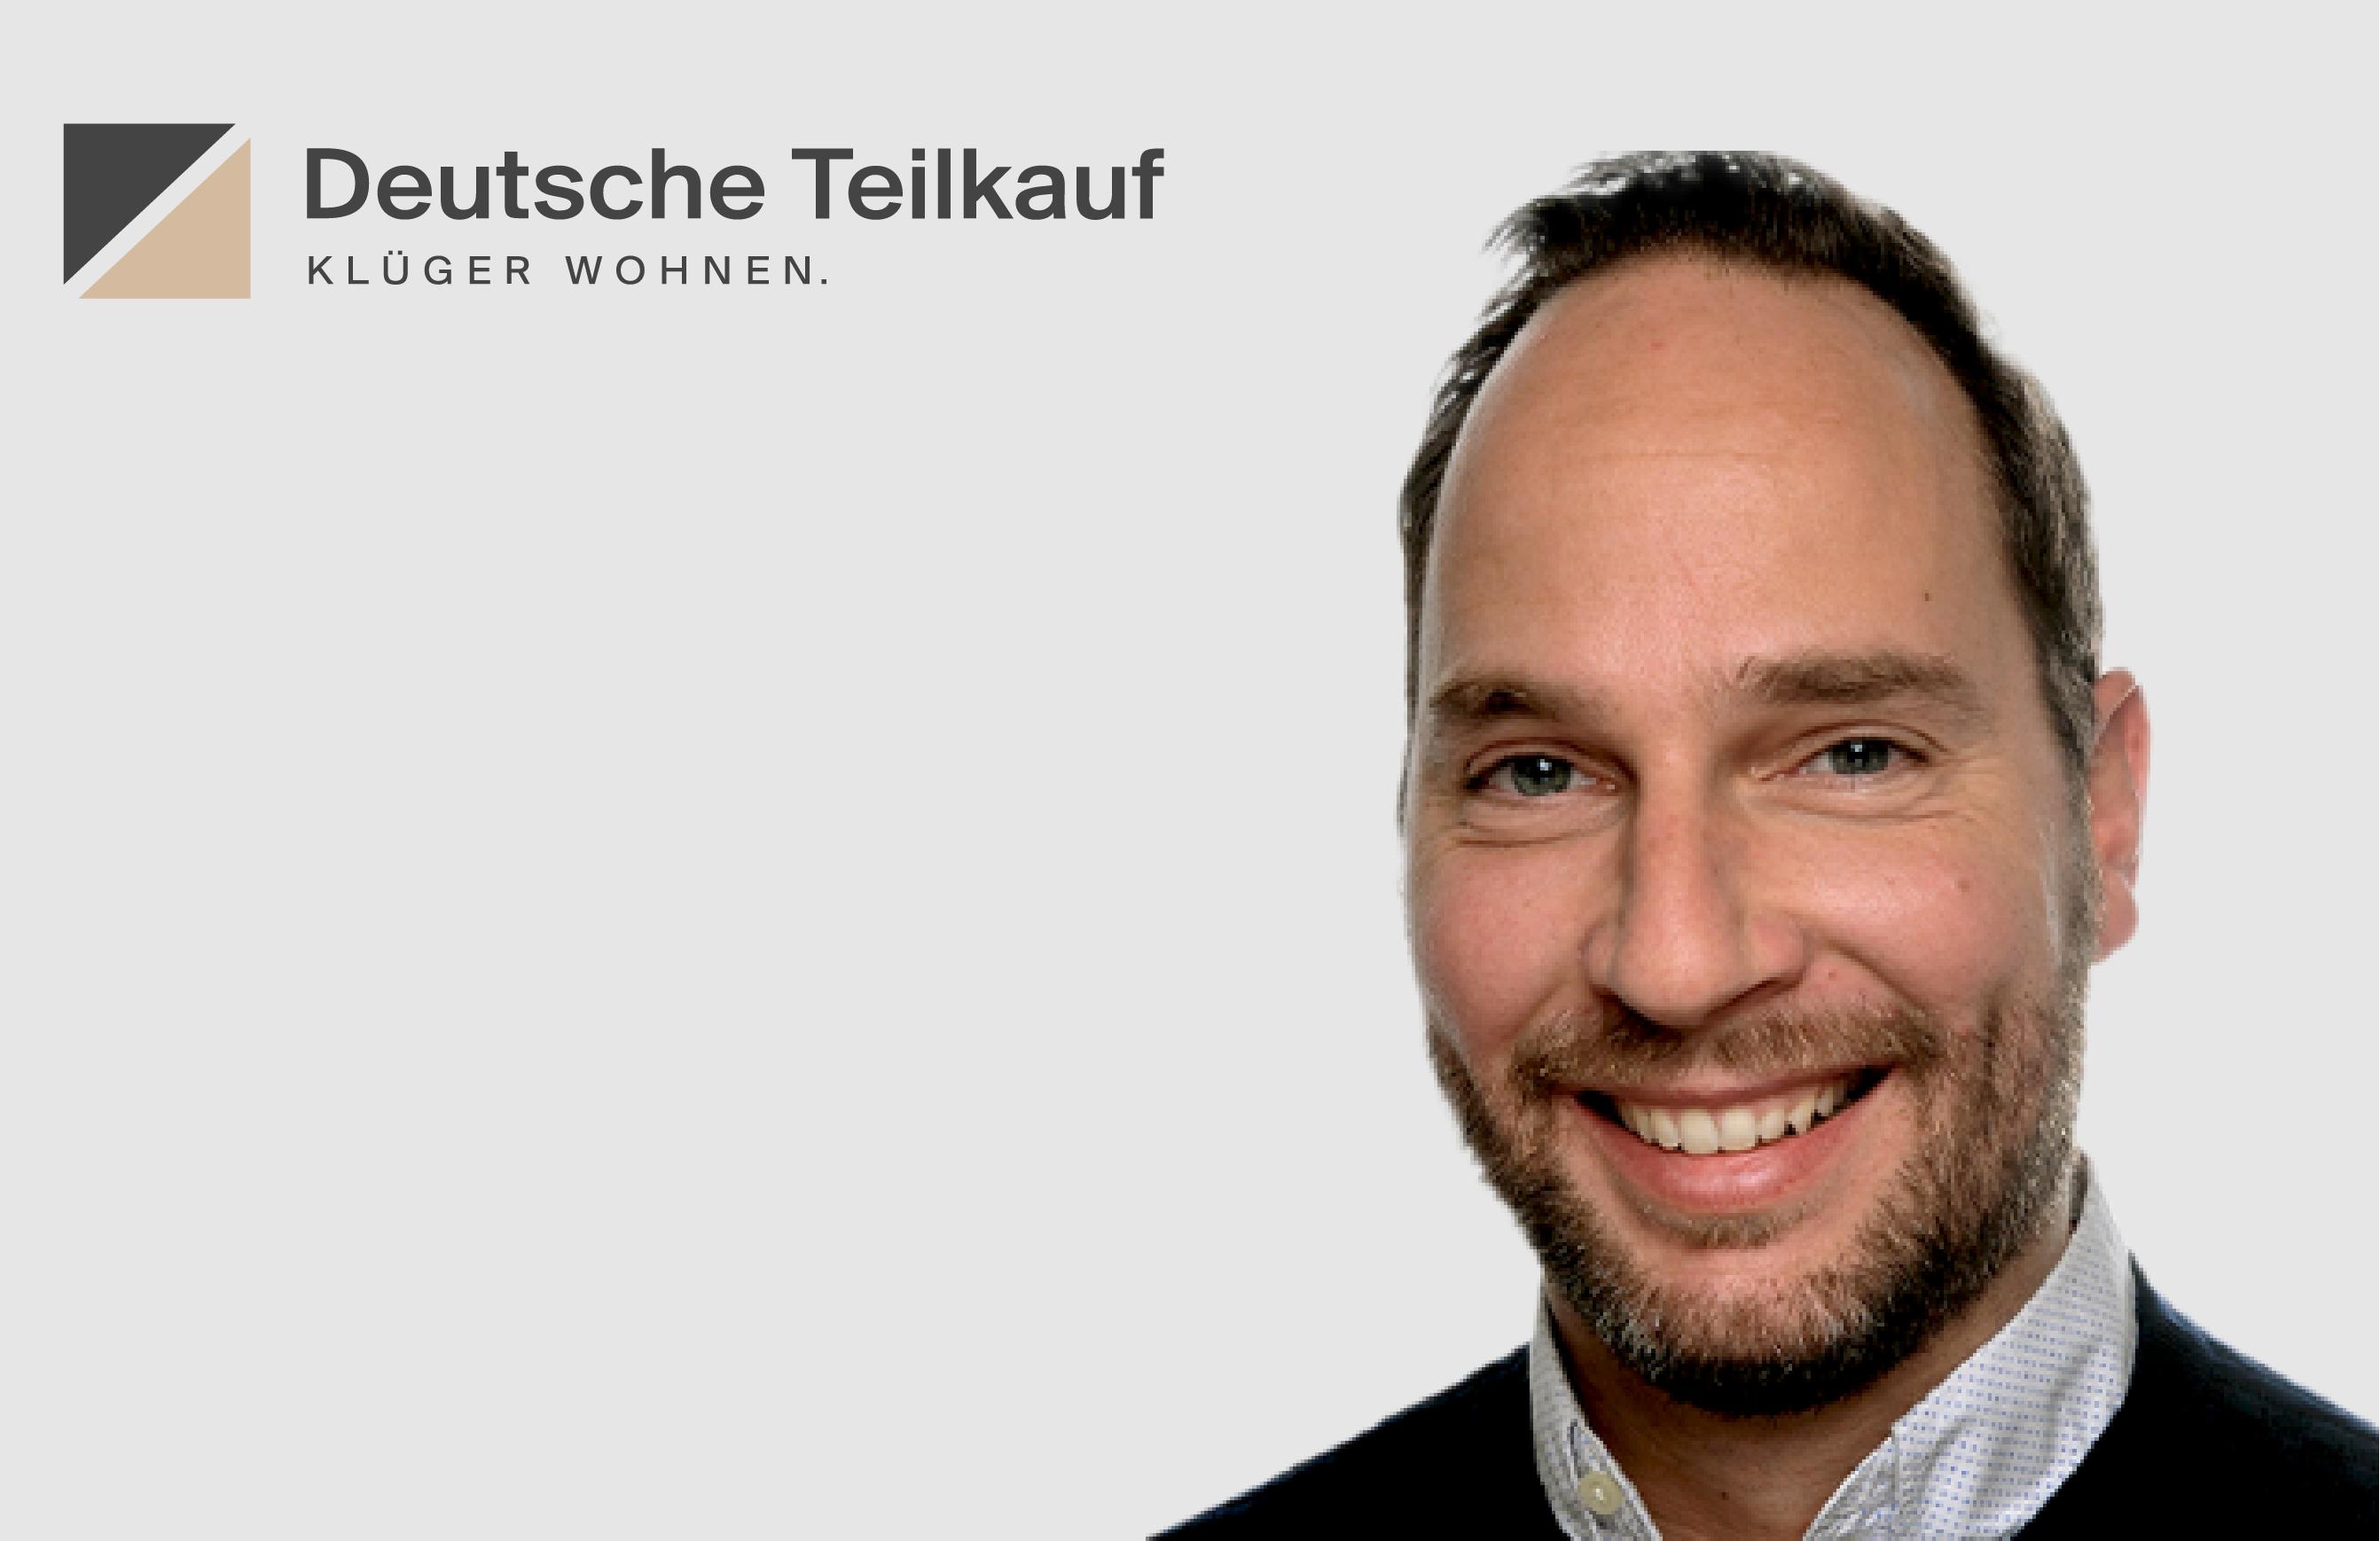 André Dölker neuer Geschäftsführer der Deutsche Teilkauf, Anbieter von Alternativen zu Kredit und Leibrente